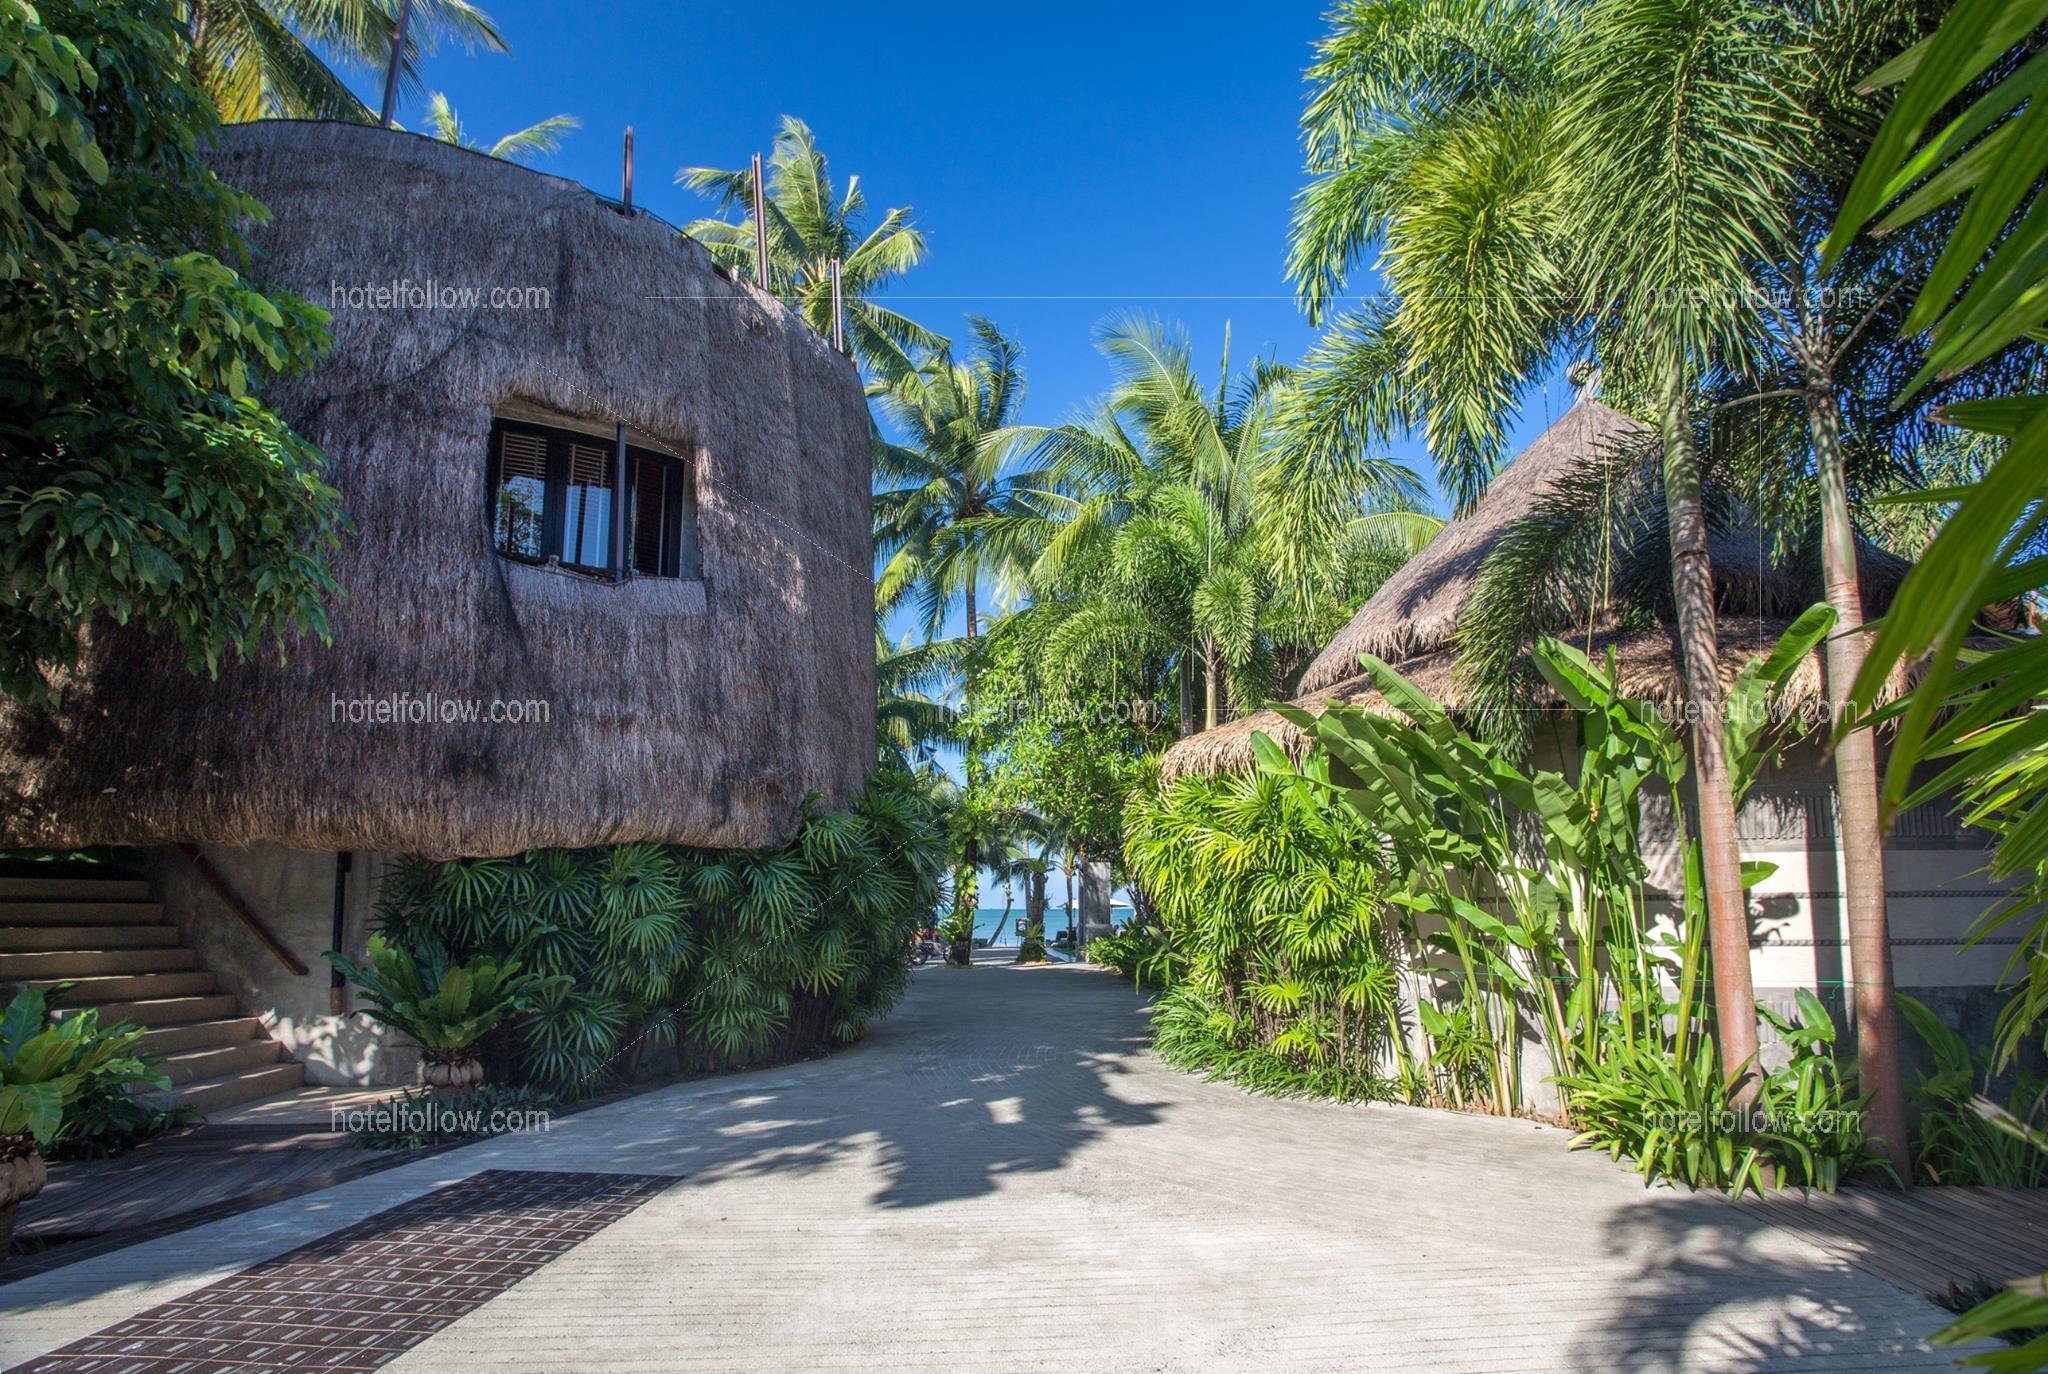 โรงแรม เดอะ เดวา เกาะช้าง รีสอร์ท หาดคลองพร้าว ตราด